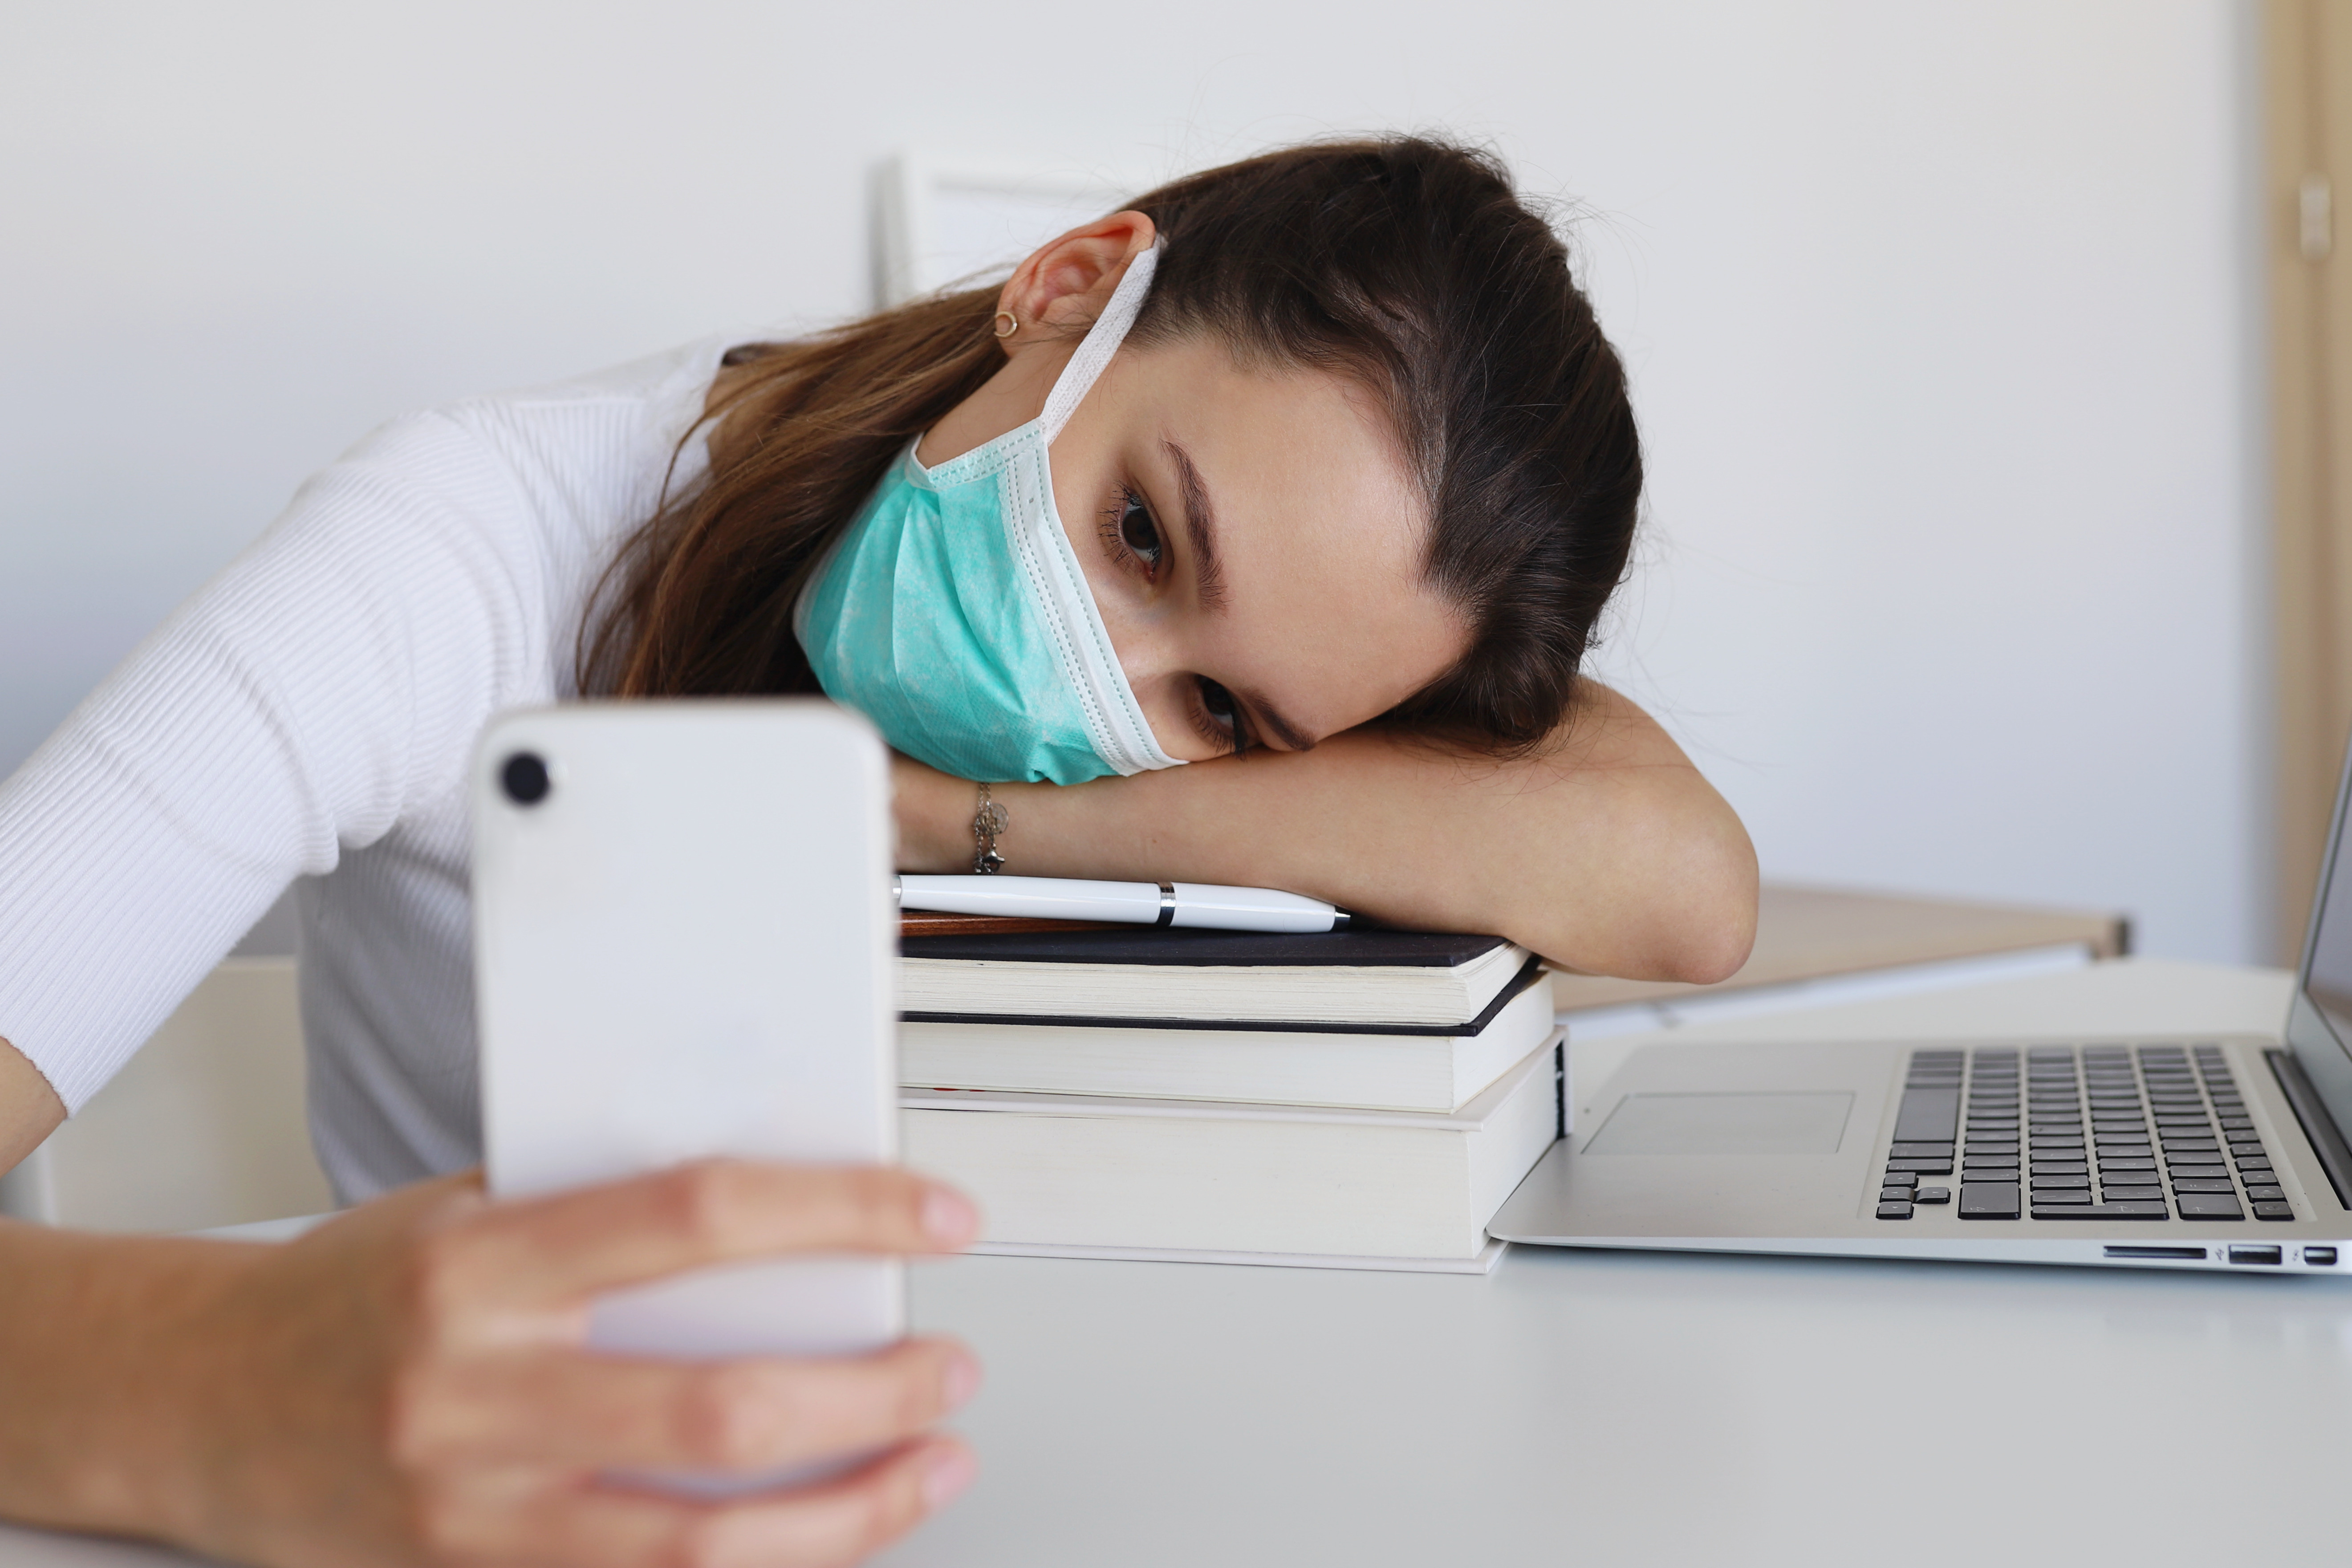 En Europe, la prévalence de la dépression atteint 26% (Visuel Adobe stock 341423669)